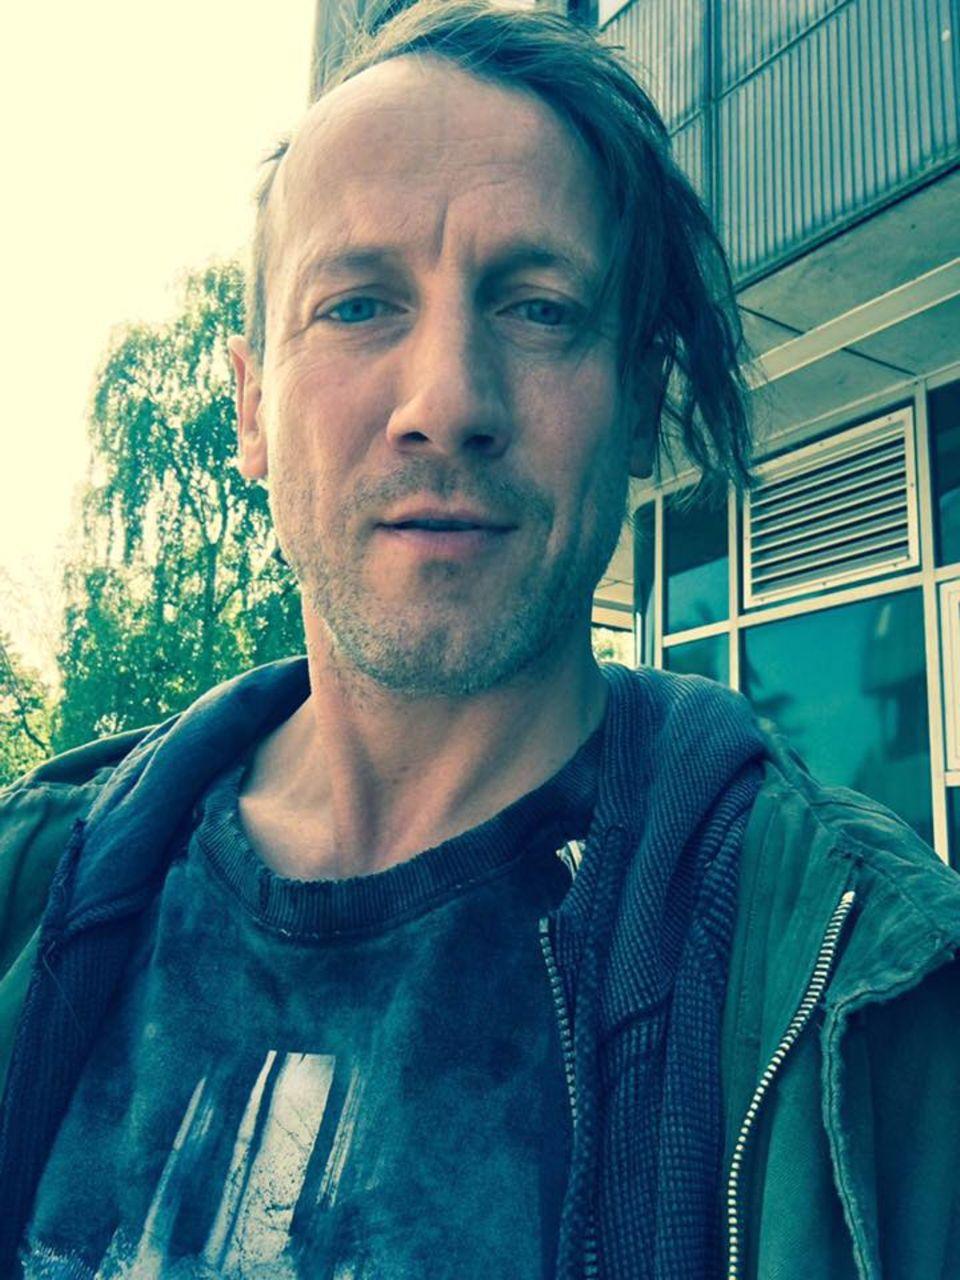 """Versucht Wotan Wilke Möhring mit dieser Frisur gegen sein gutes Aussehen anzukämpfen? Bringt nichts, attraktiv ist er auch so. Der neue Punker-Look ist übrigens für seine Rolle in """"Happy Burnout""""."""